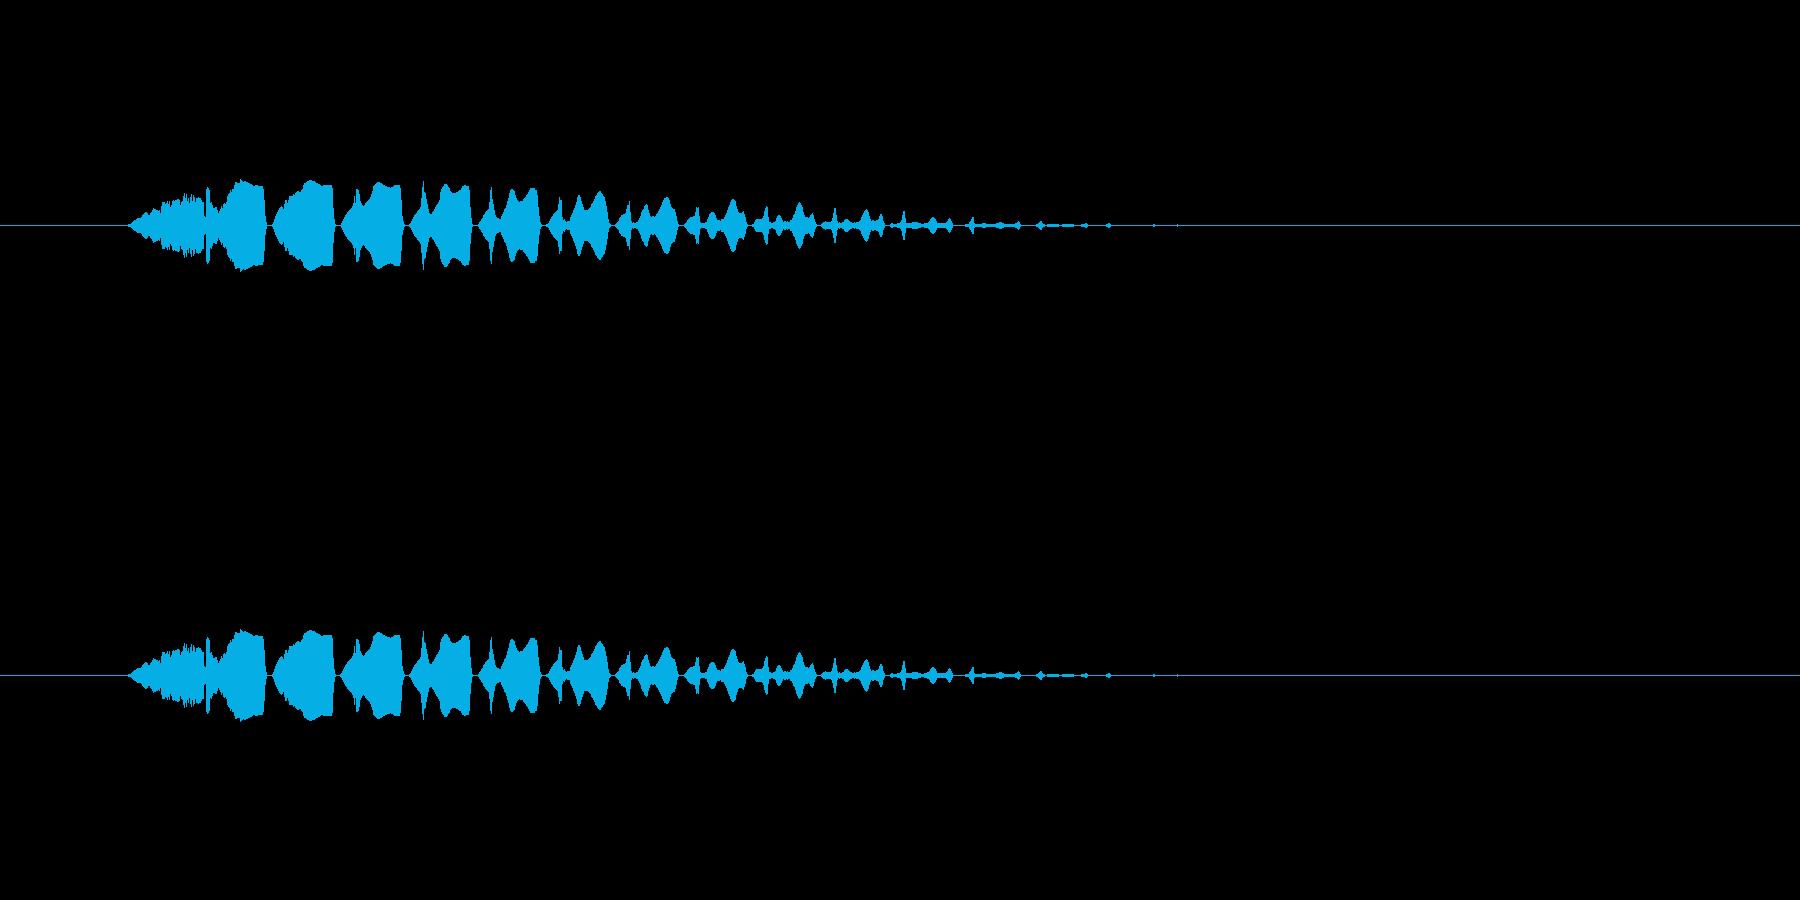 【ポップモーション37-2】の再生済みの波形